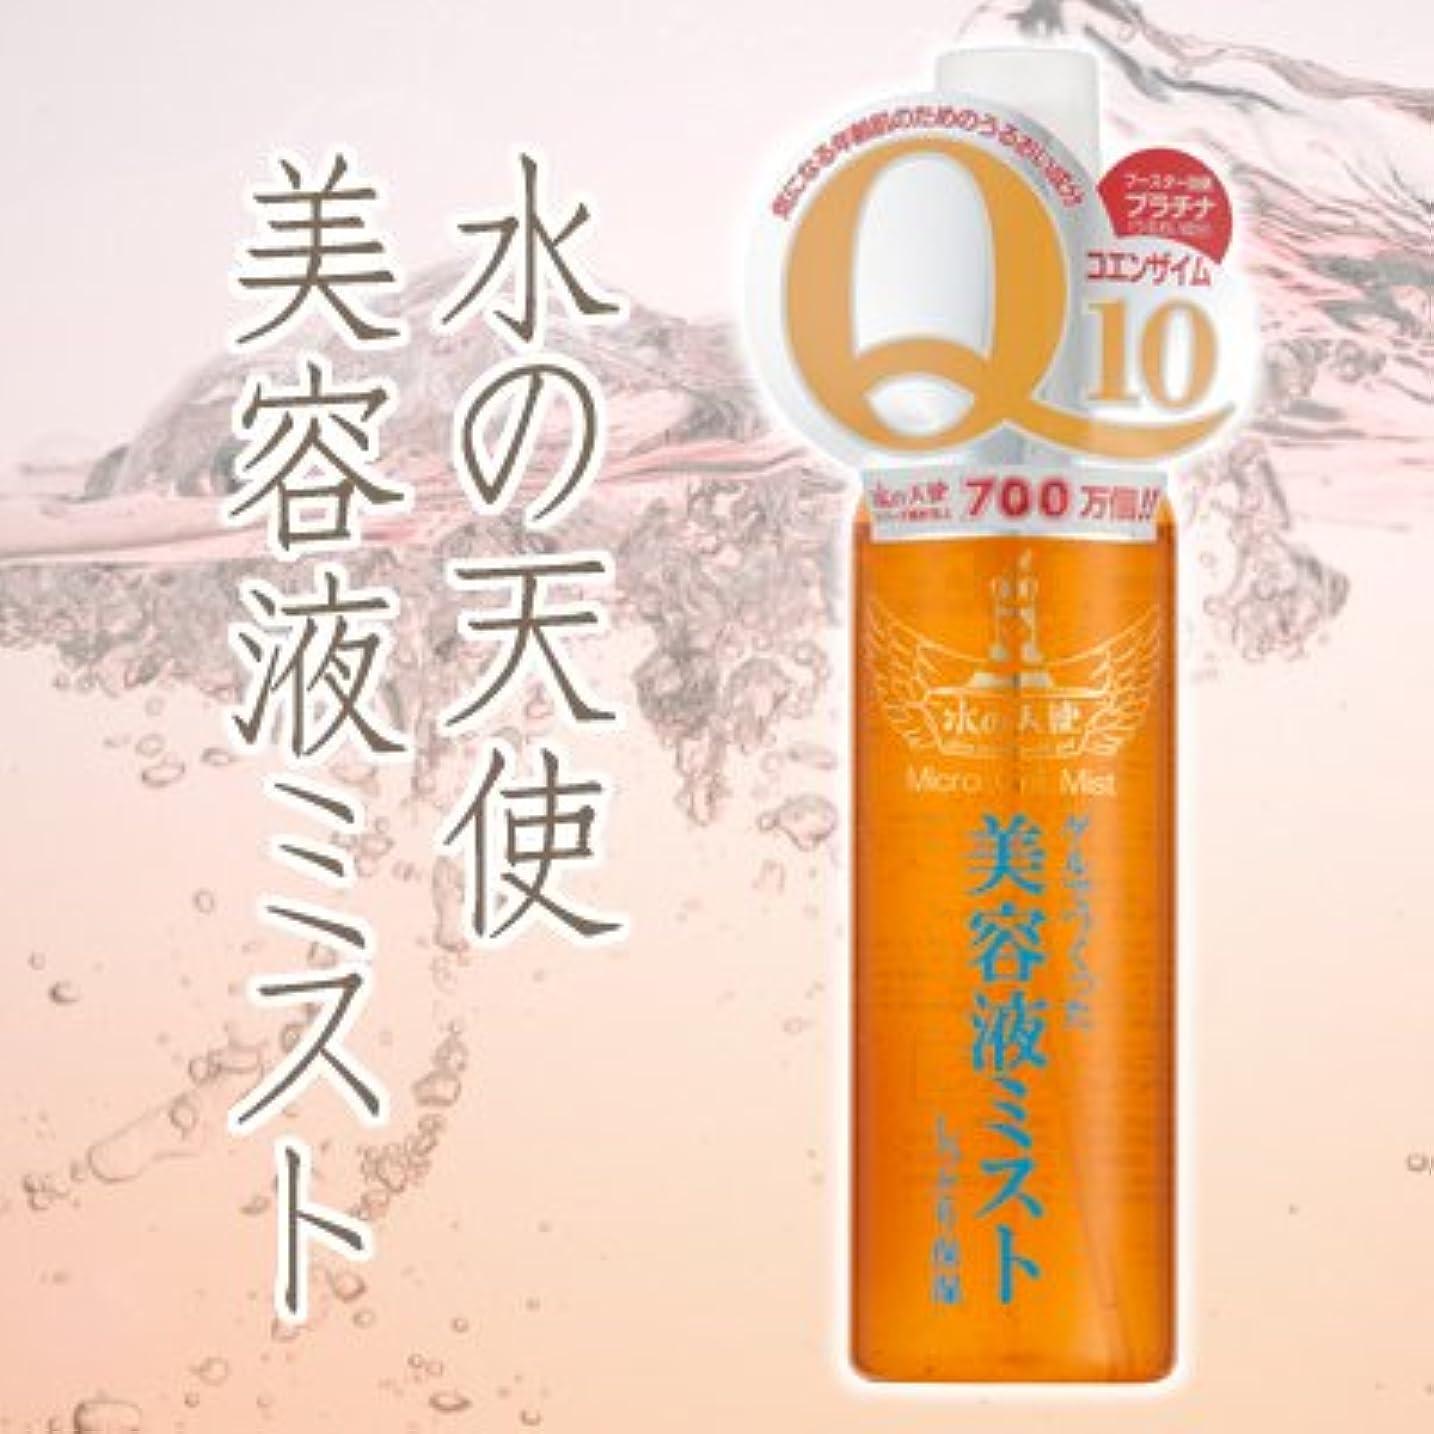 蜂宝不機嫌そうな水の天使美容液ミスト 120ml 2個セット ※あの「水の天使」シリーズから美容液ミストが新登場!